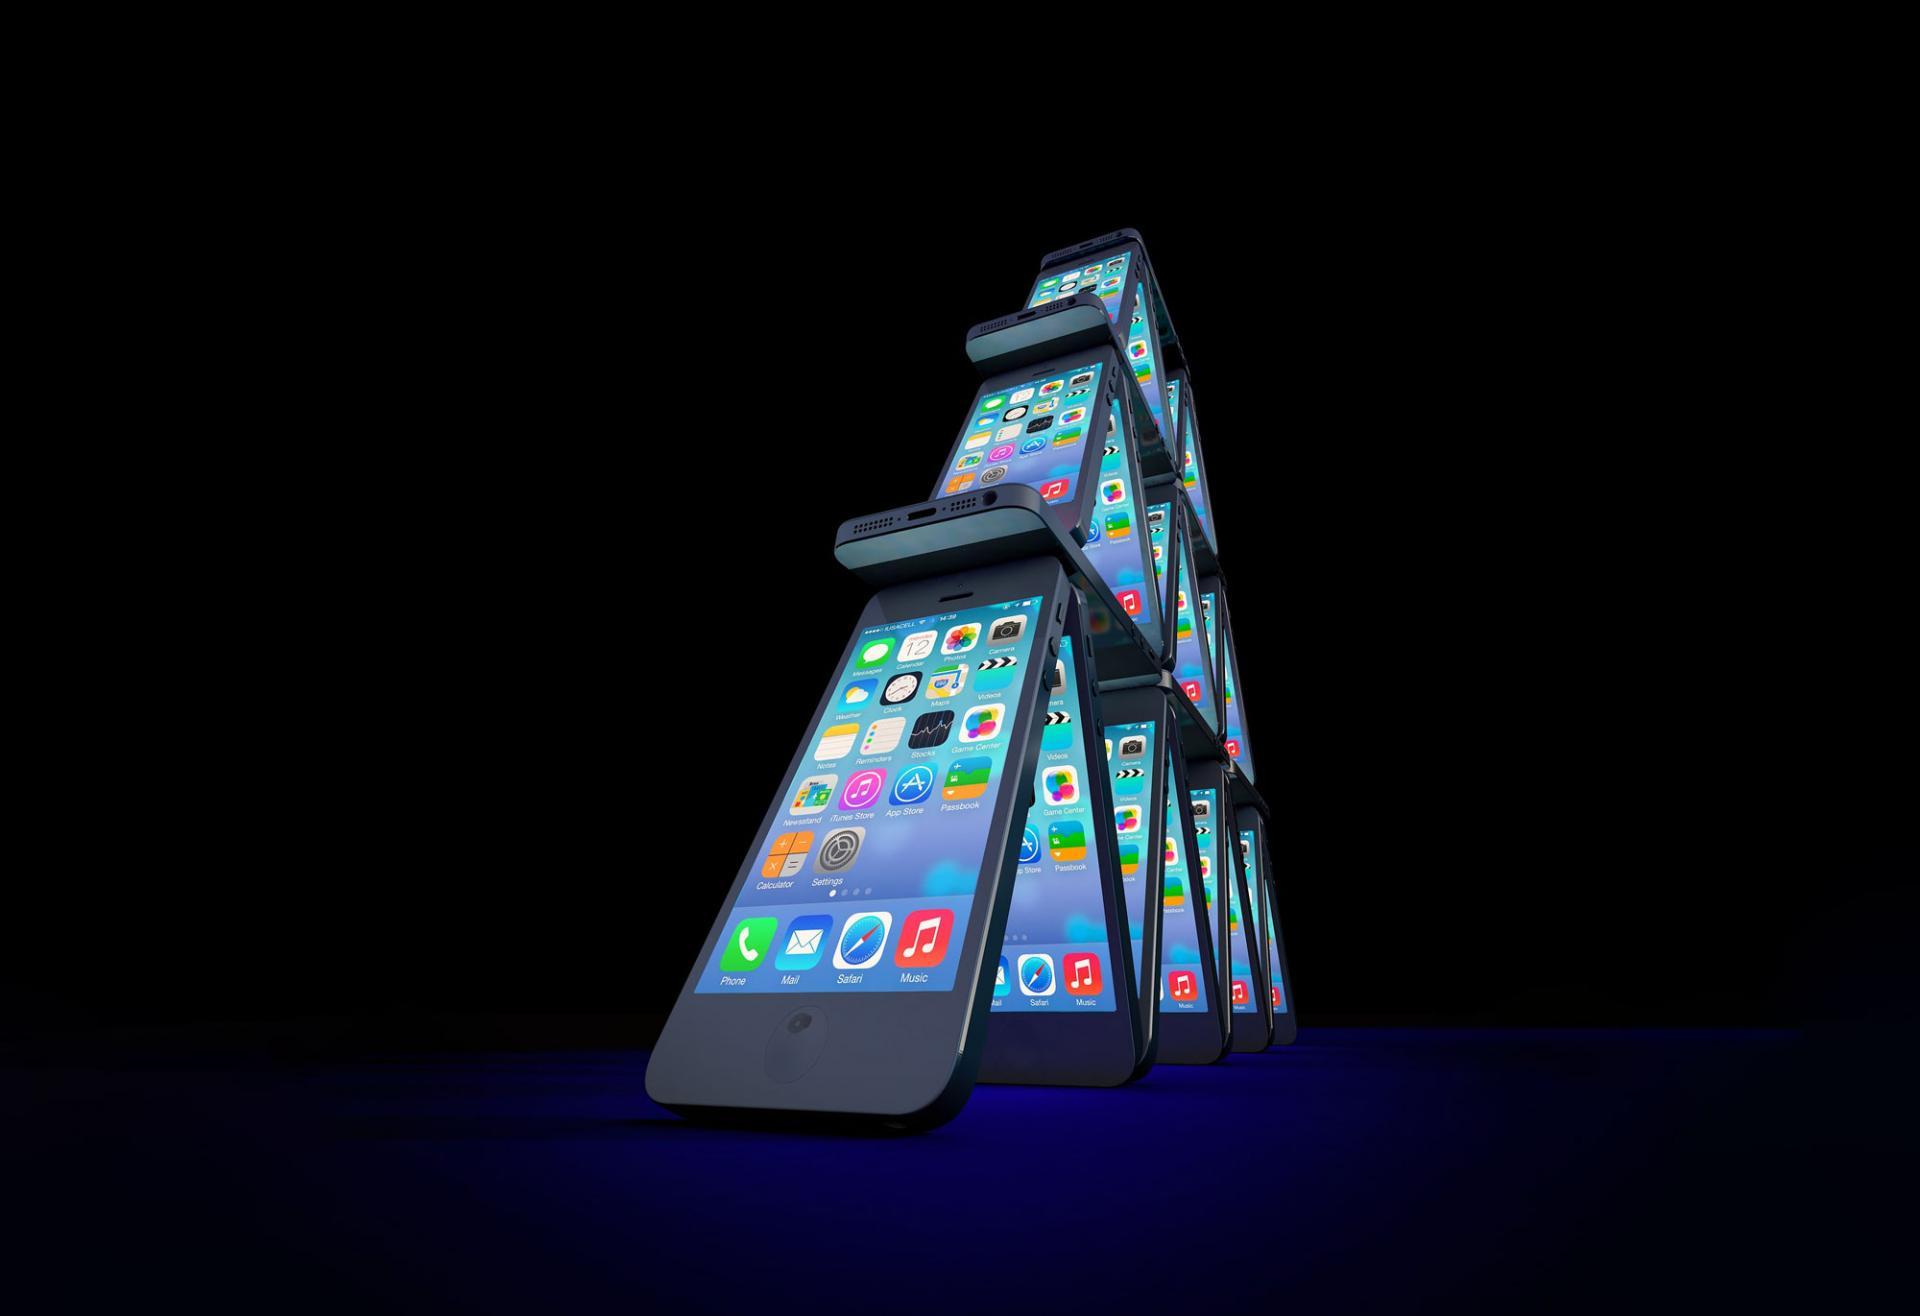 Лучшие мощные смартфоны 2020 поверсии западных СМИ